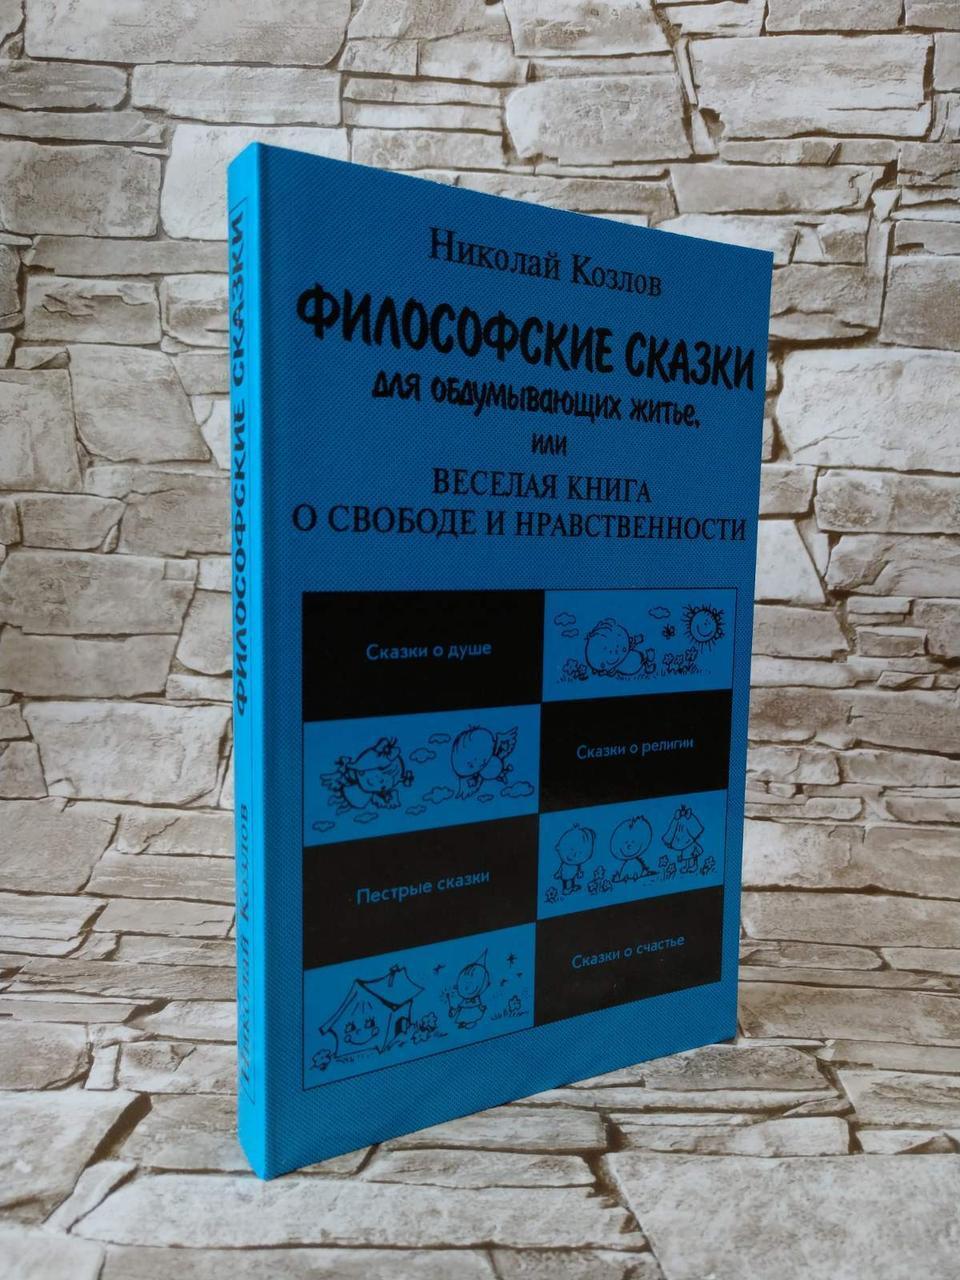 """Книга """"Философские сказки для обдумывающих житье, или Веселая книга о свободе и нравственности"""" Н. Козлов"""